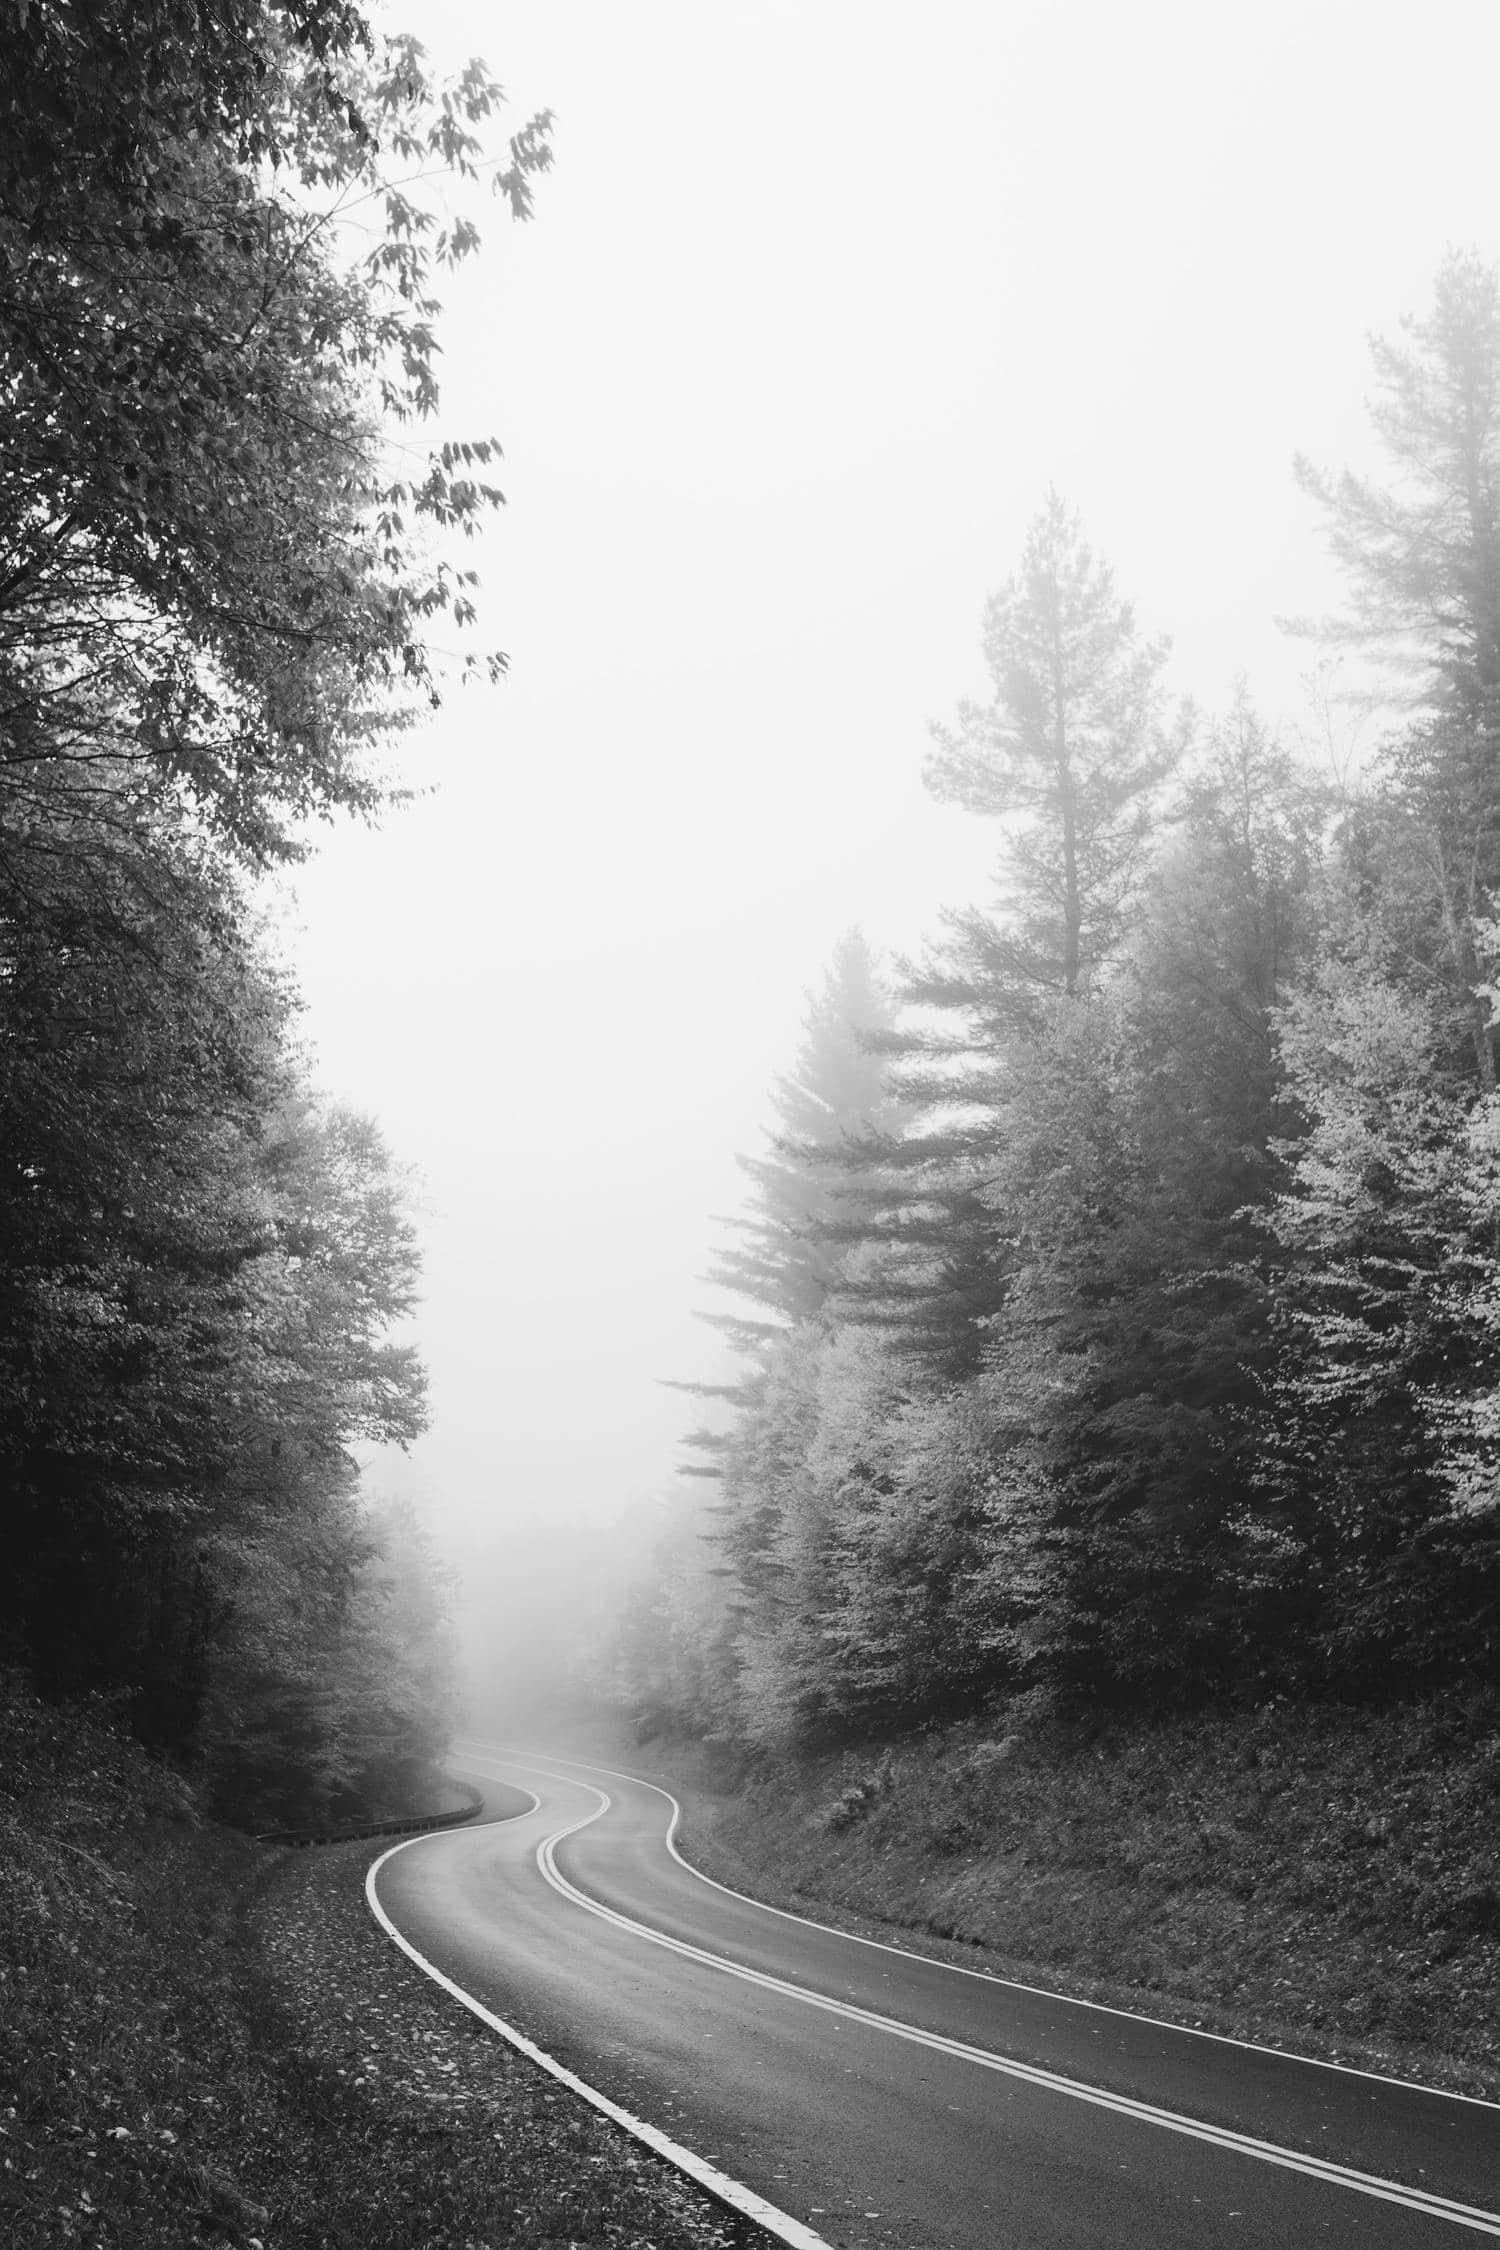 Paisaje de carretera en blanco y negro